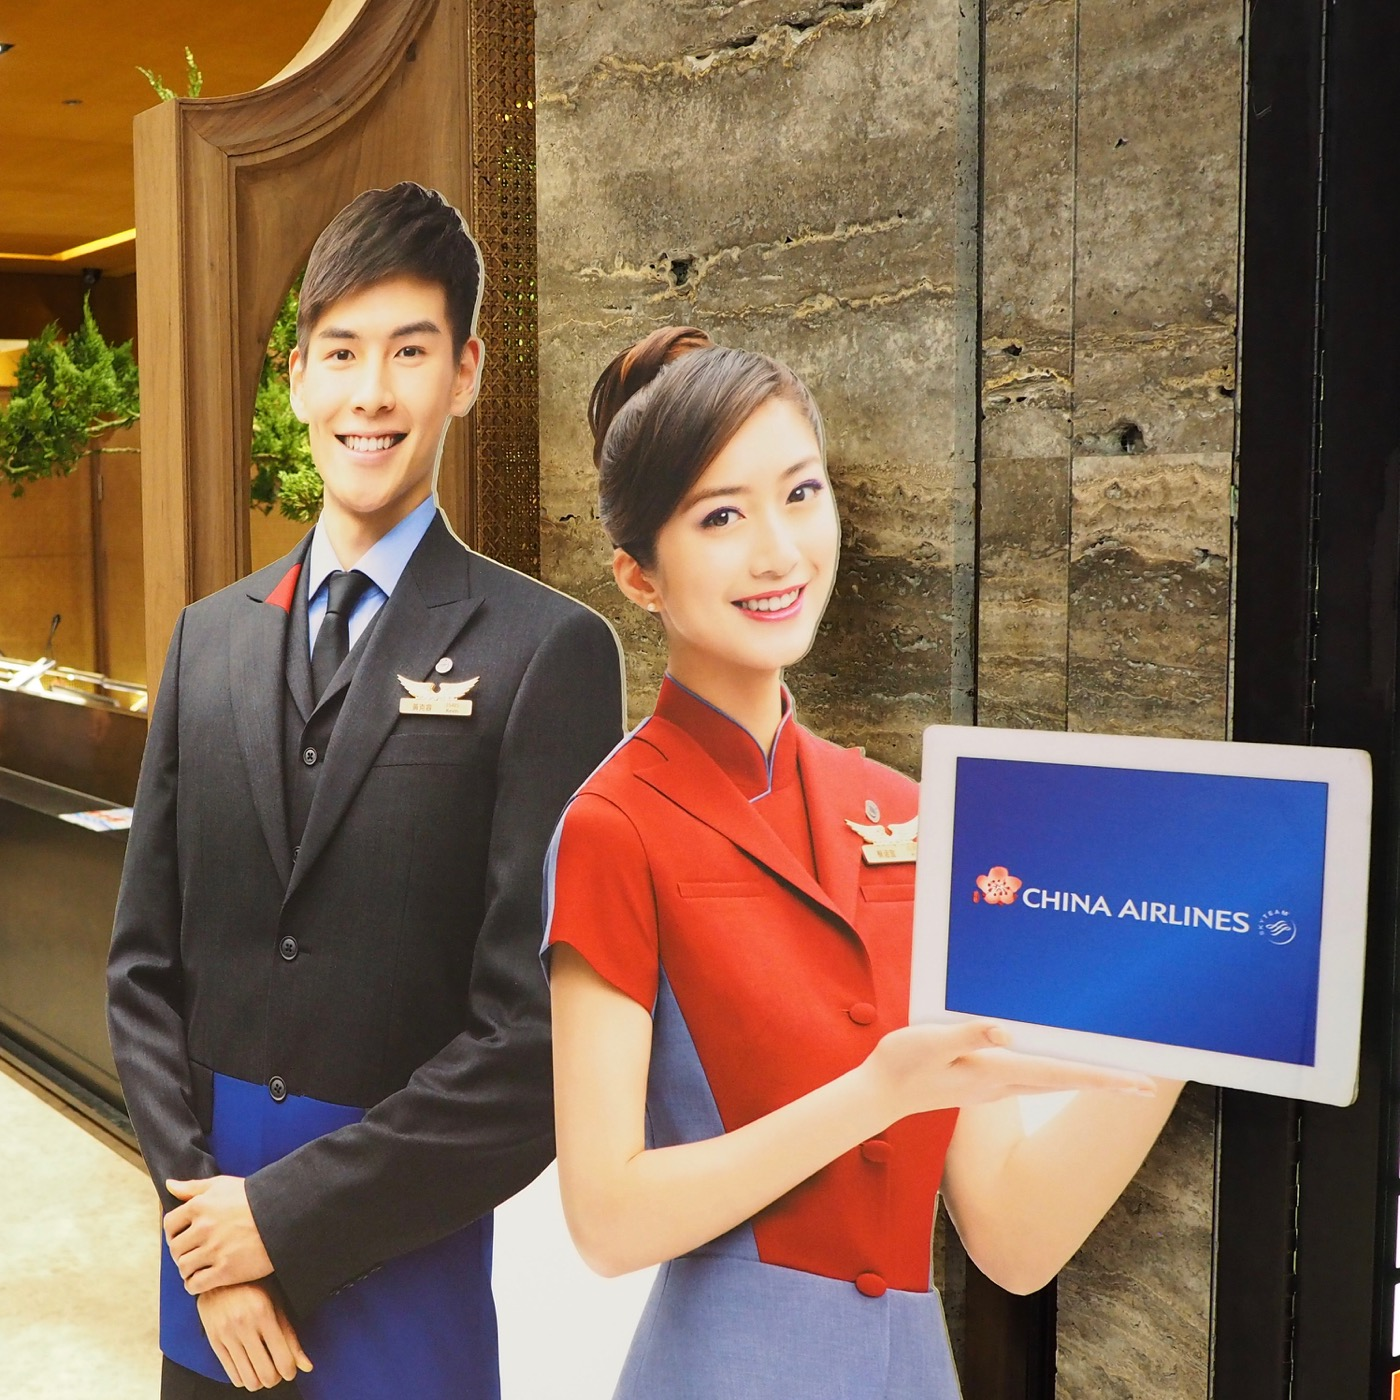 【以前とは別物!】台北桃園空港第一ターミナル チャイナエアラインラウンジ